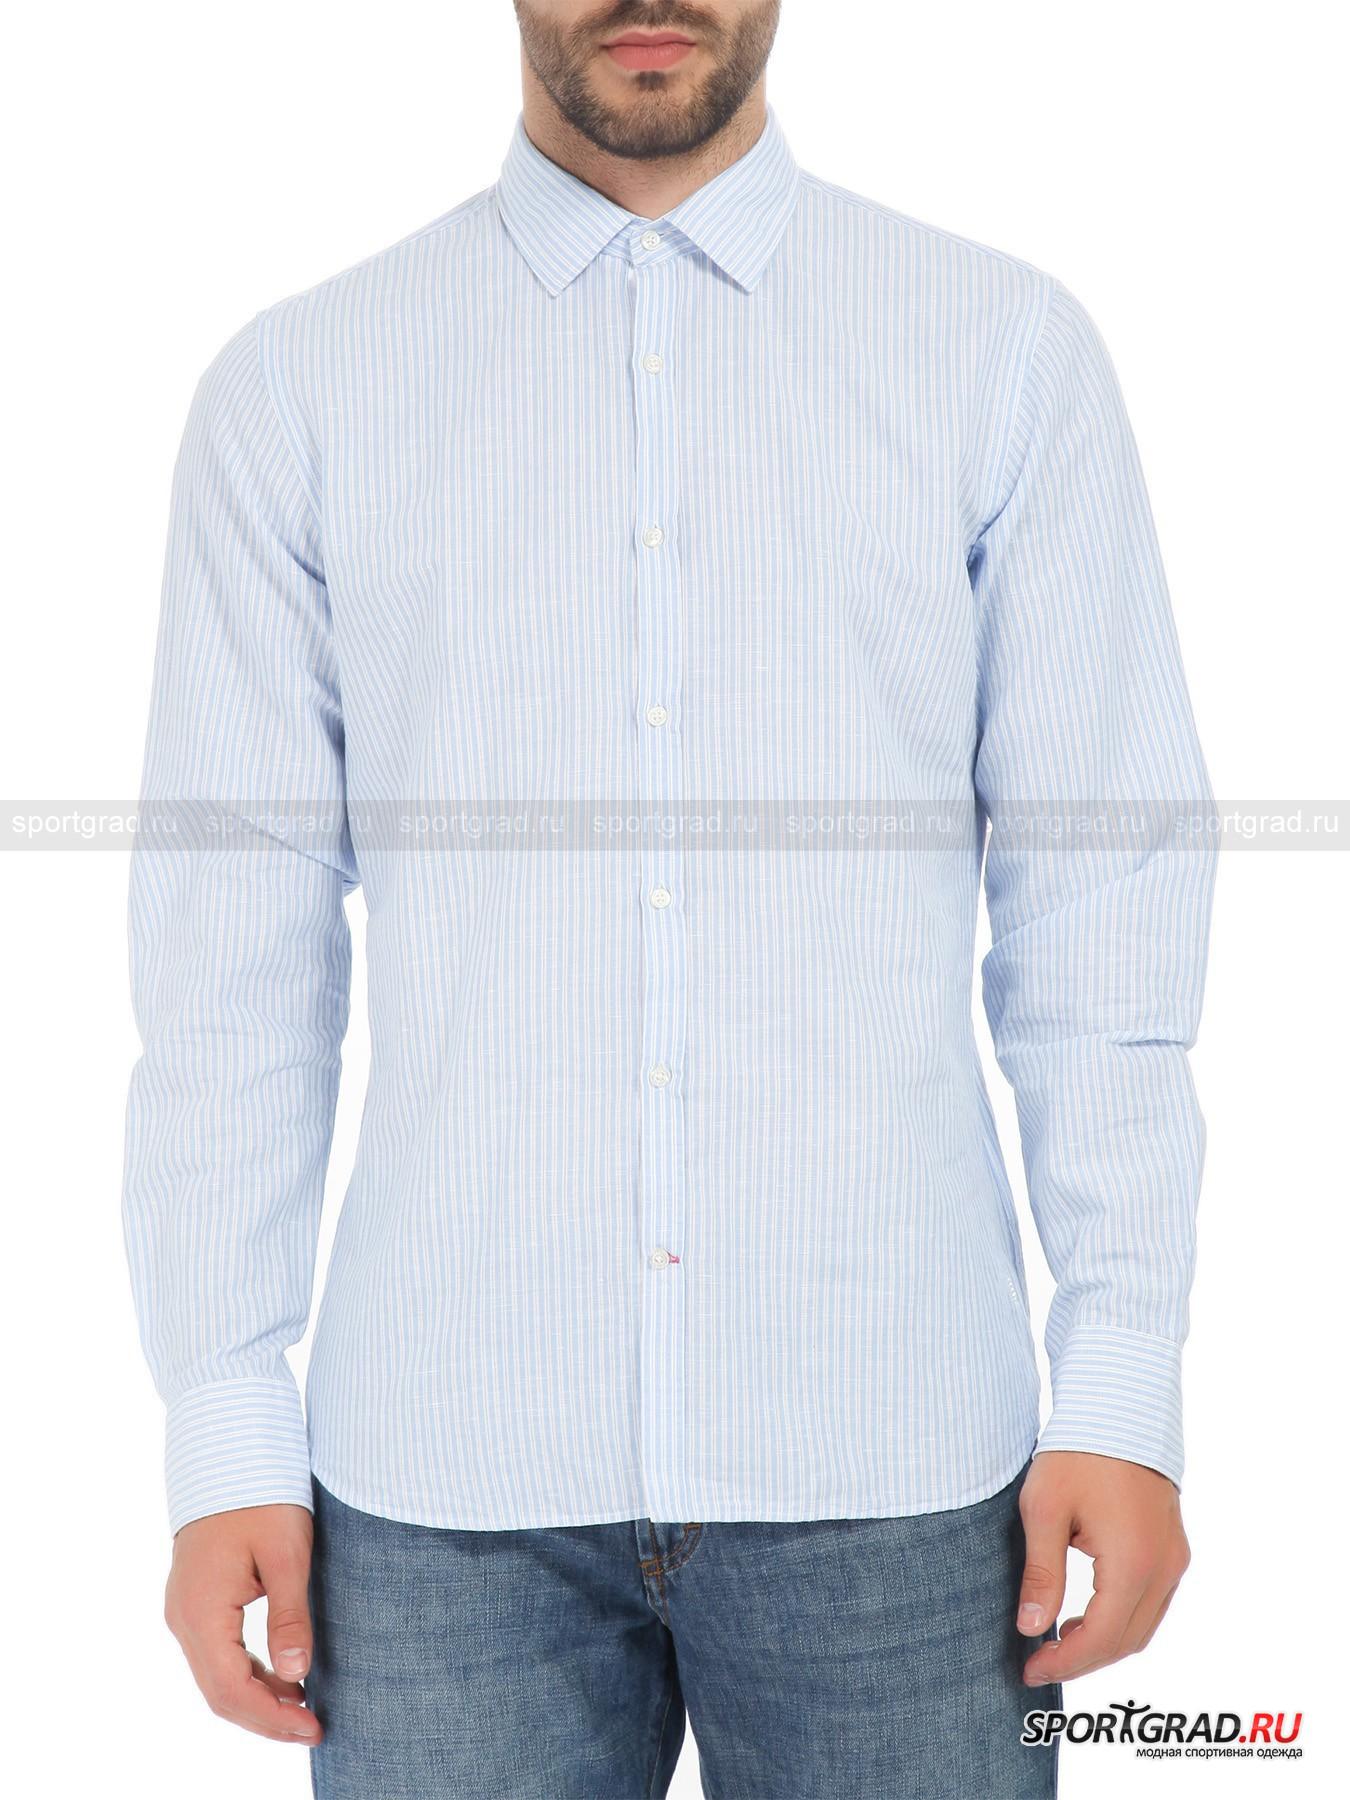 Рубашка мужская из хлопка и льна MARINA YACHTING